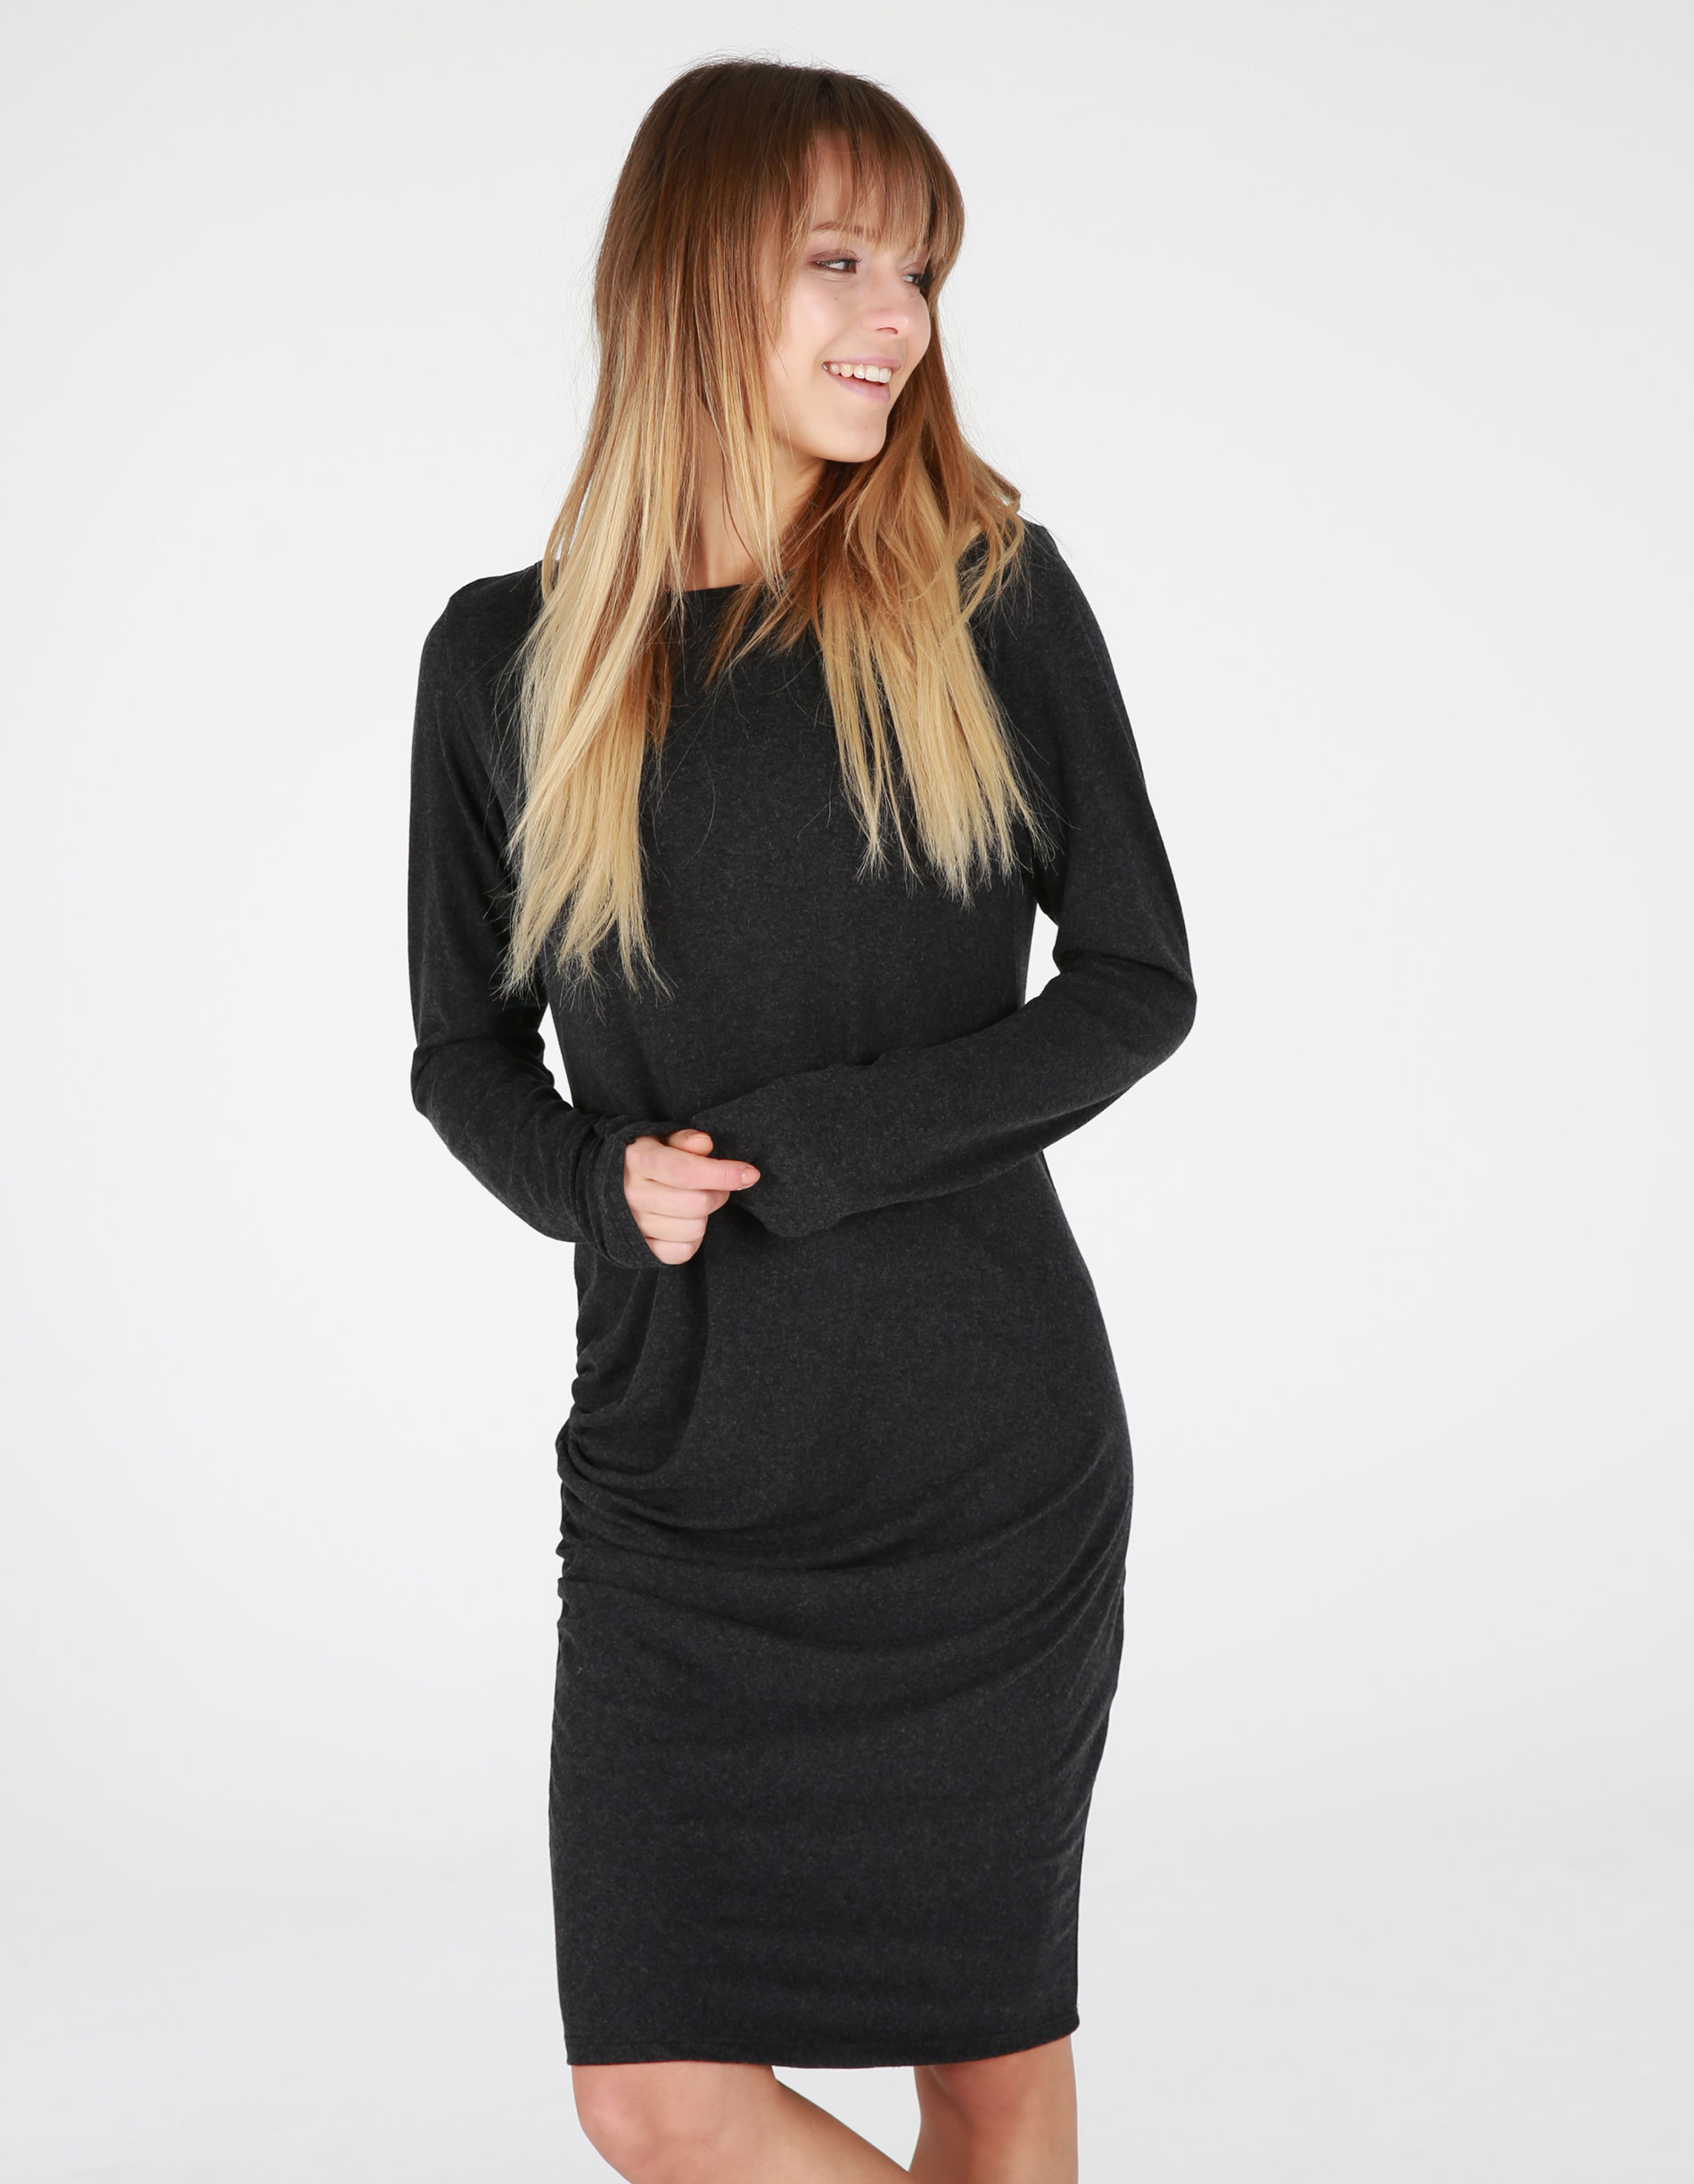 Sukienka - 30-88026 NERO - Unisono